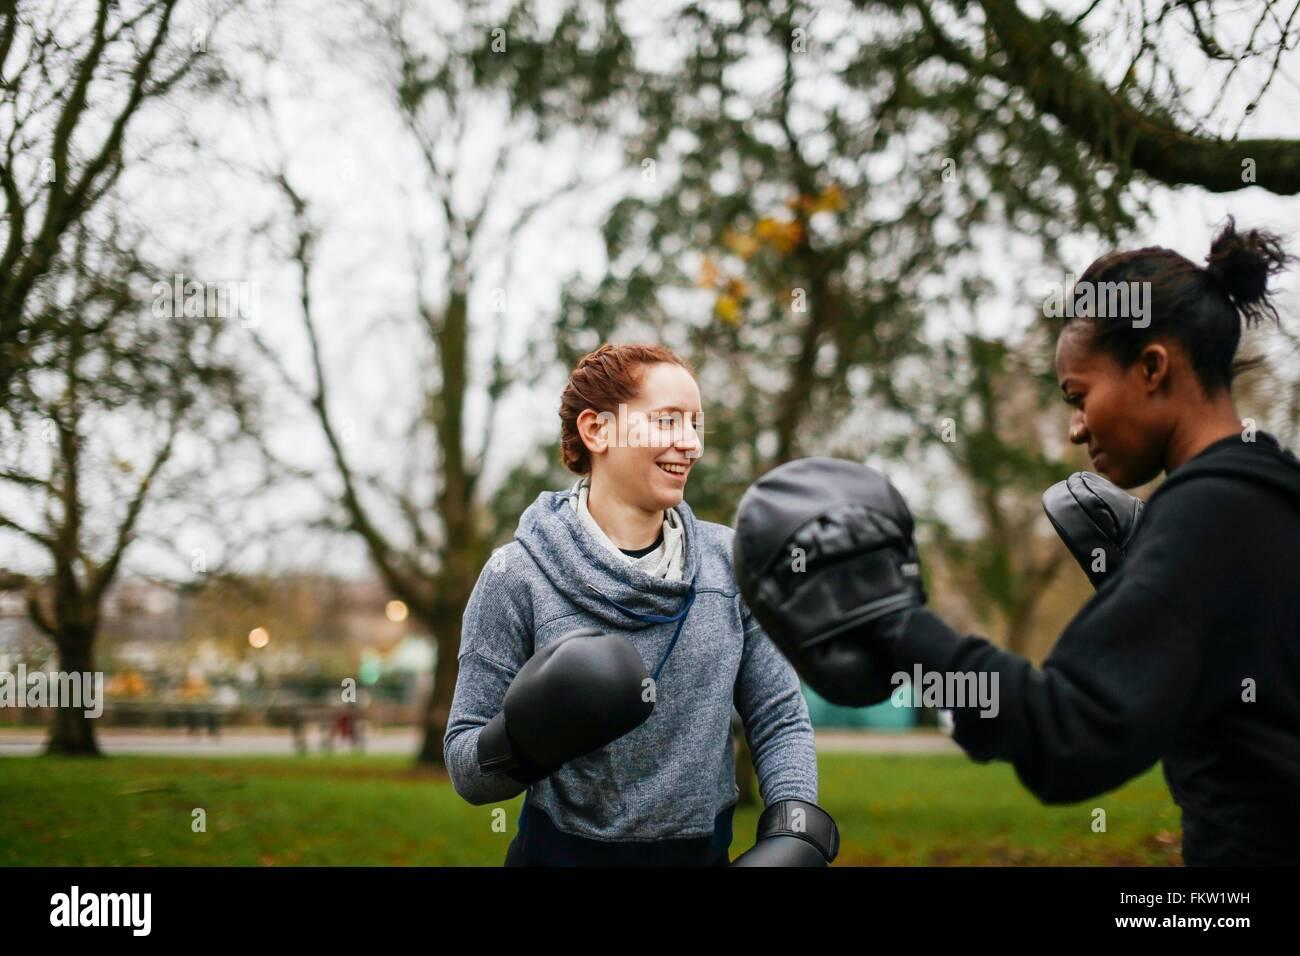 Junge Erwachsene Boxerinnen training im park Stockbild